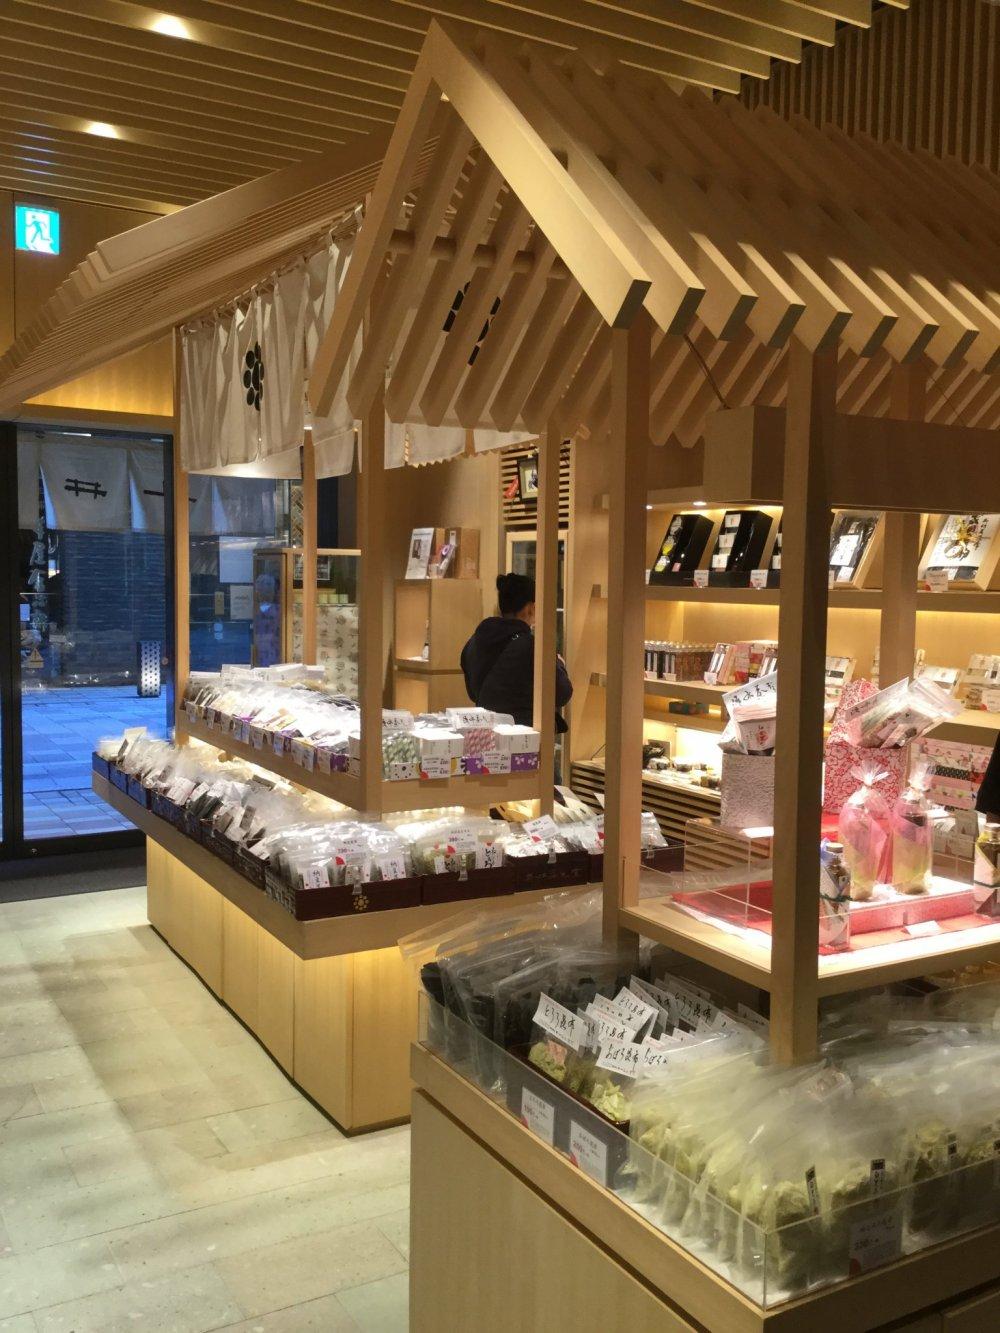 Lantai toko terbuat dari Shakudani, sejenis batu vulkanik yang ditemukan di Prefektur Fukui dan secara signifikan sangat penting untuk toko ini mengingat dulu mereka menukar batu ini dengan kombu di Hokkaido